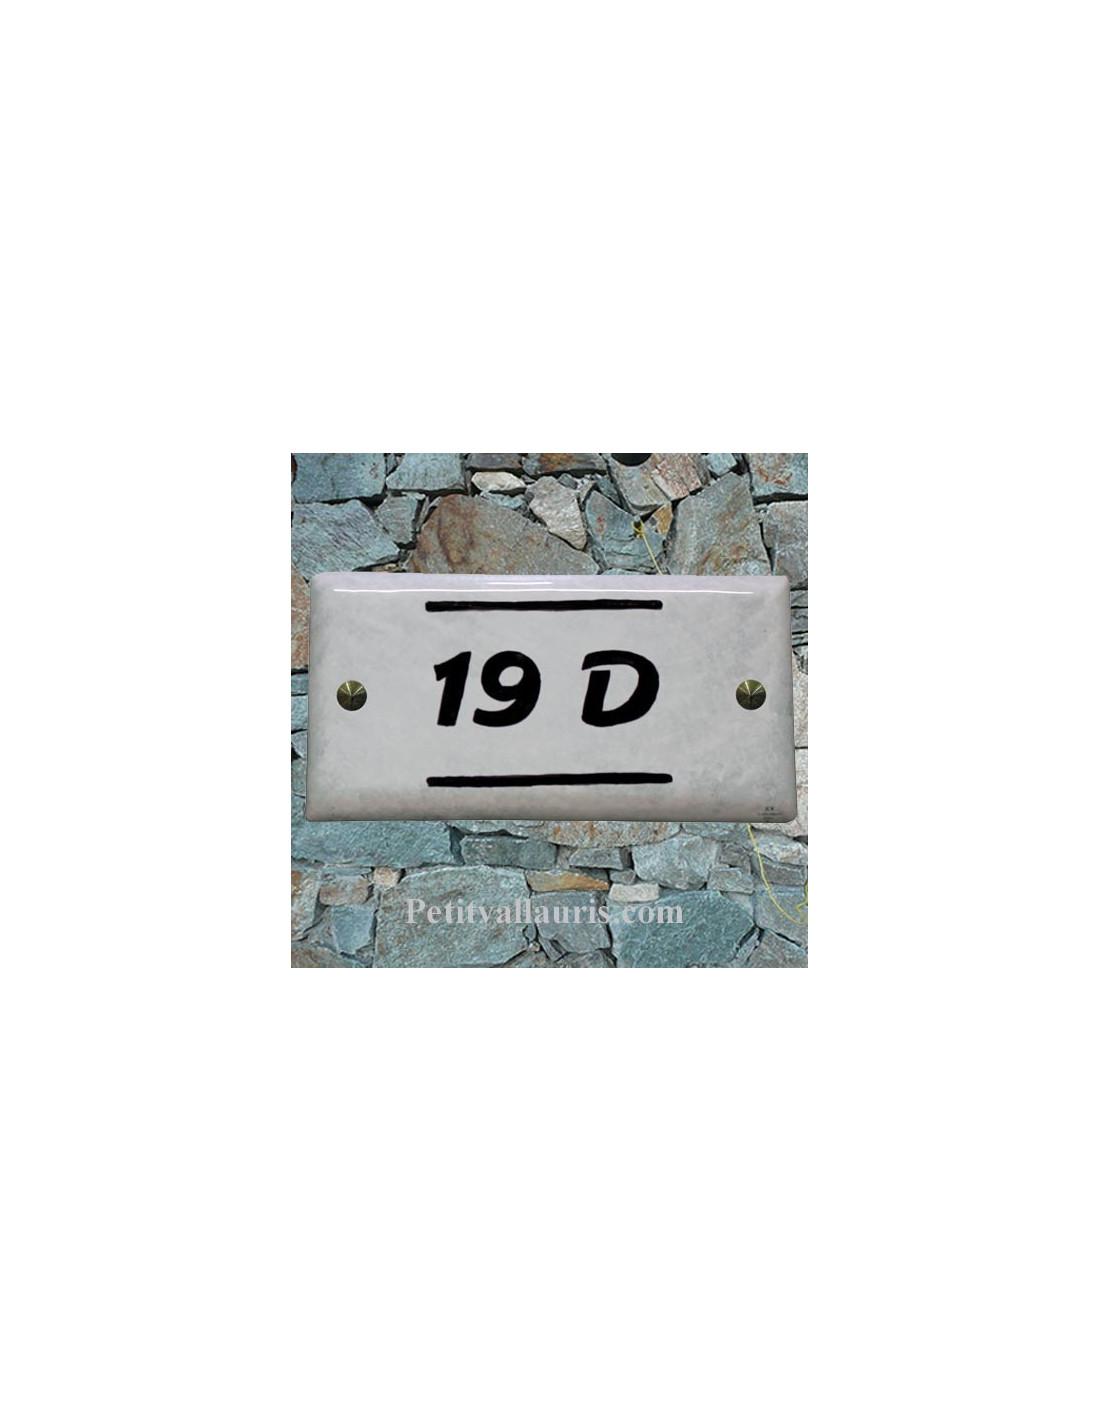 plaque num ro de maison faience maill e couleur fond gris clair inscription personnalis e noire. Black Bedroom Furniture Sets. Home Design Ideas